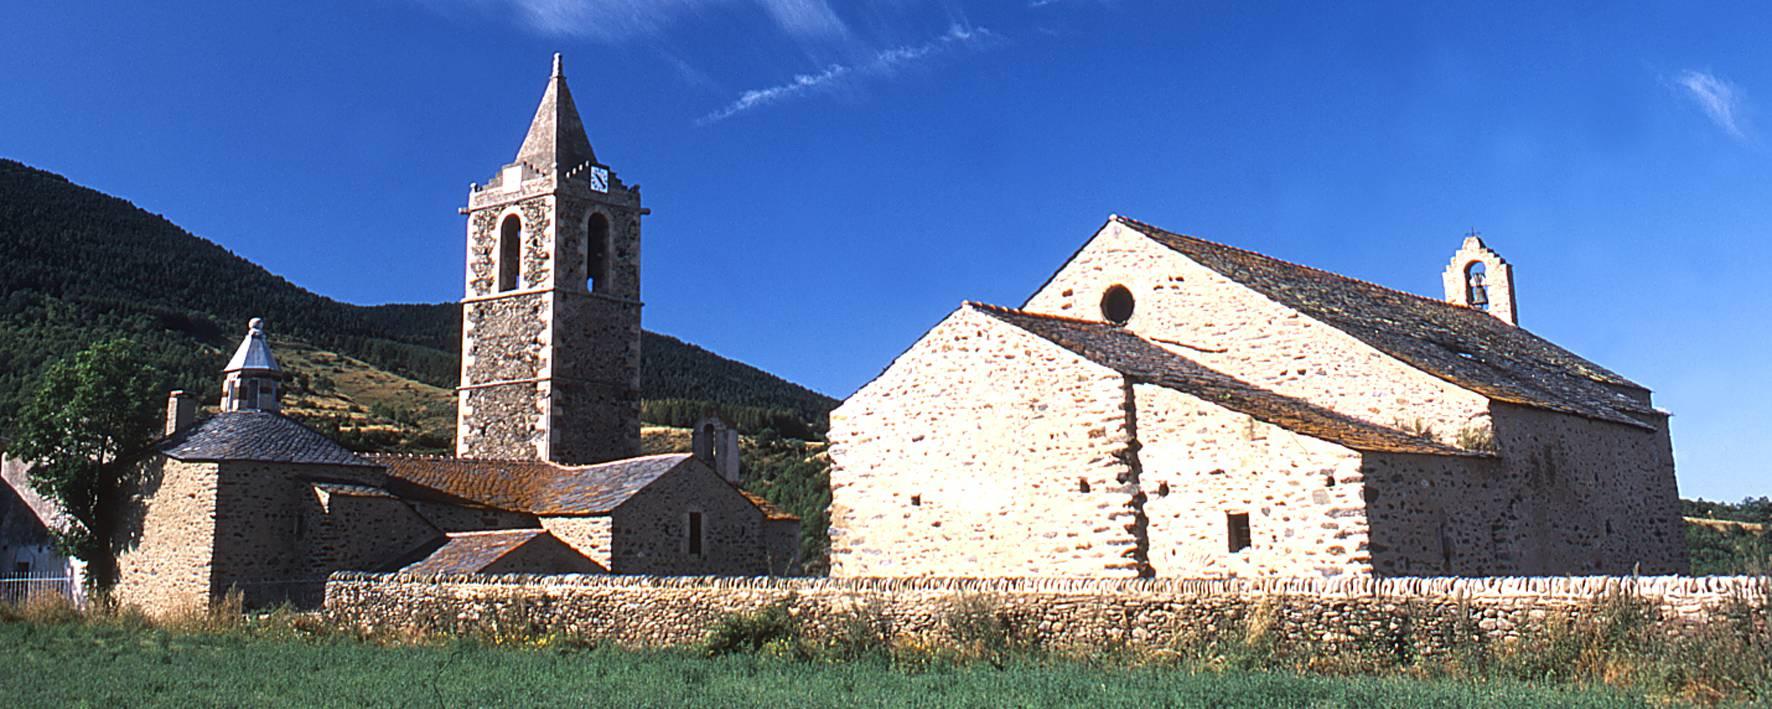 Eglise paroissiale et chapelle d'Err en Pyrénées Cerdagne